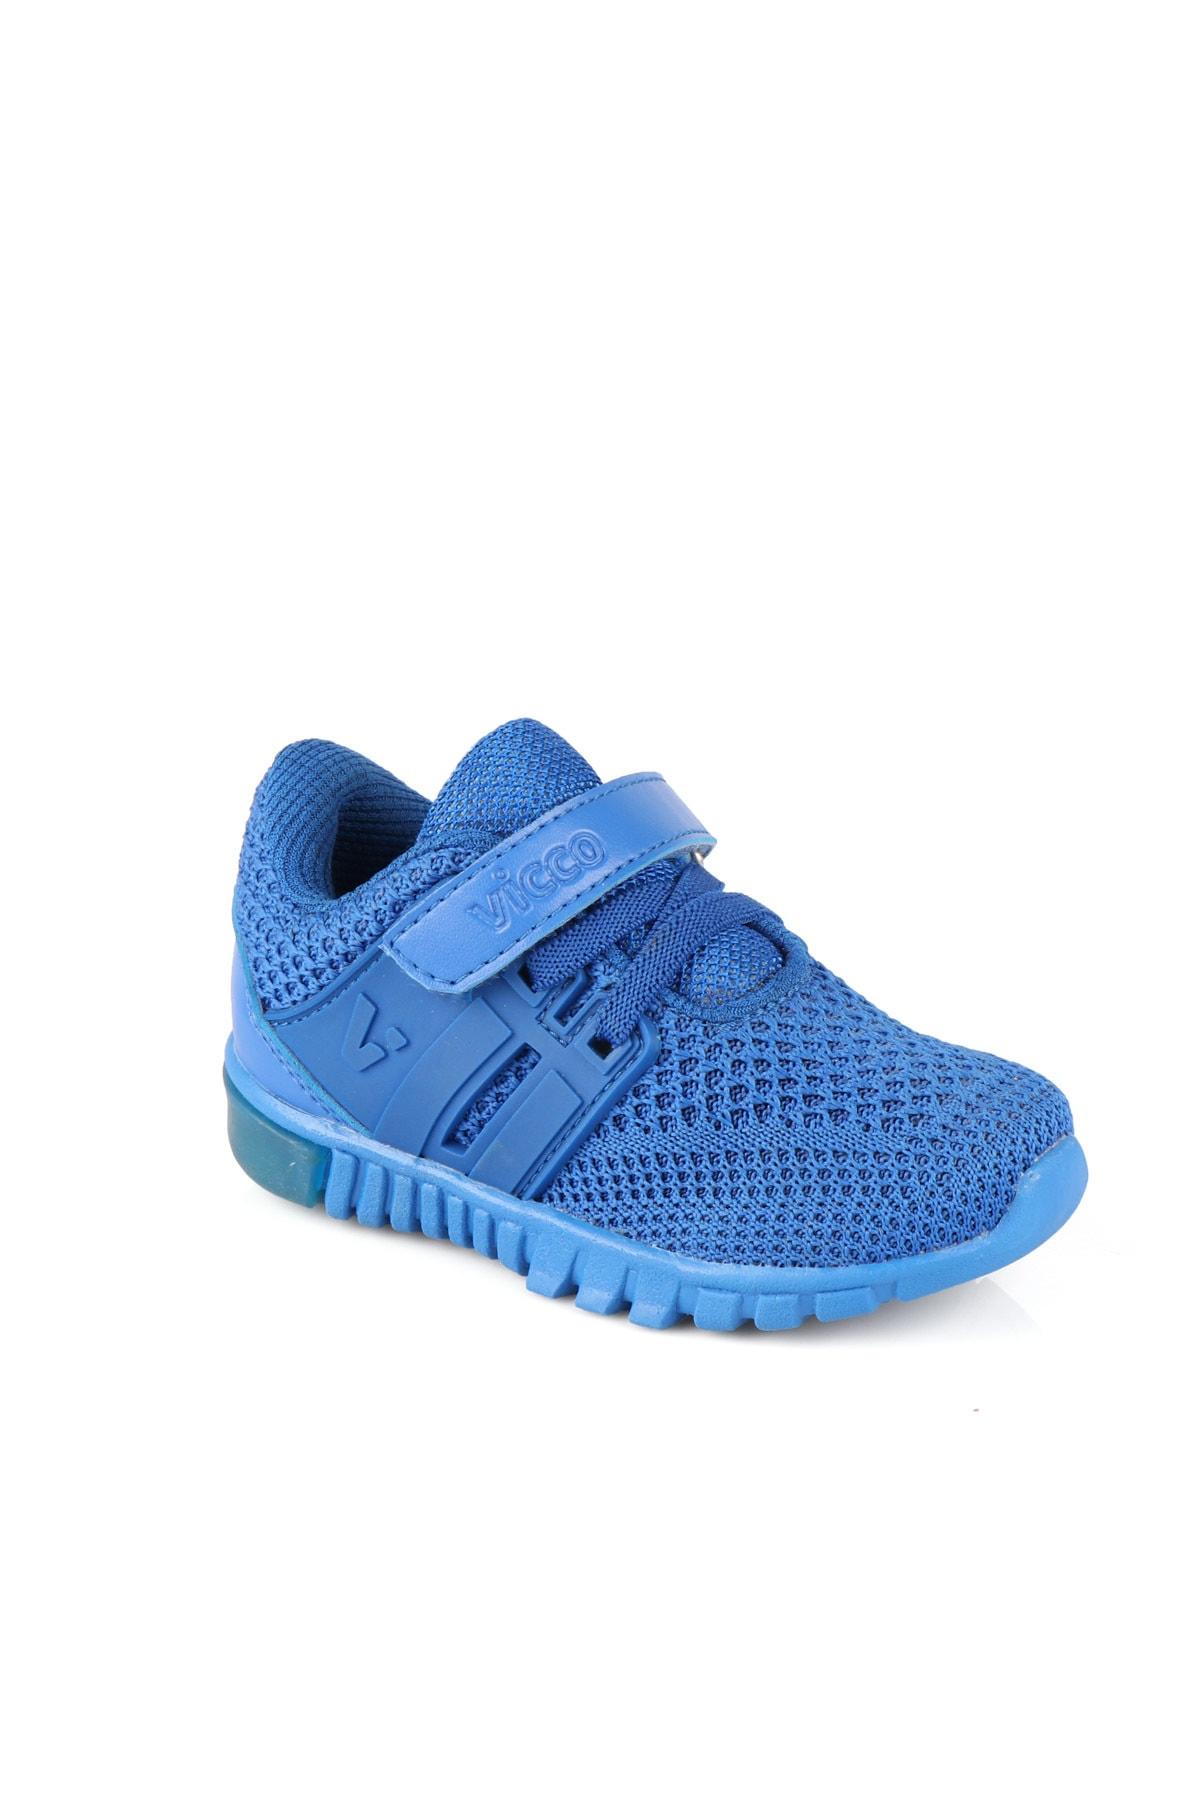 Vicco Bebe Ayakkabı Erkek Bebe Saks Mavi Spor Ayakkabı 1